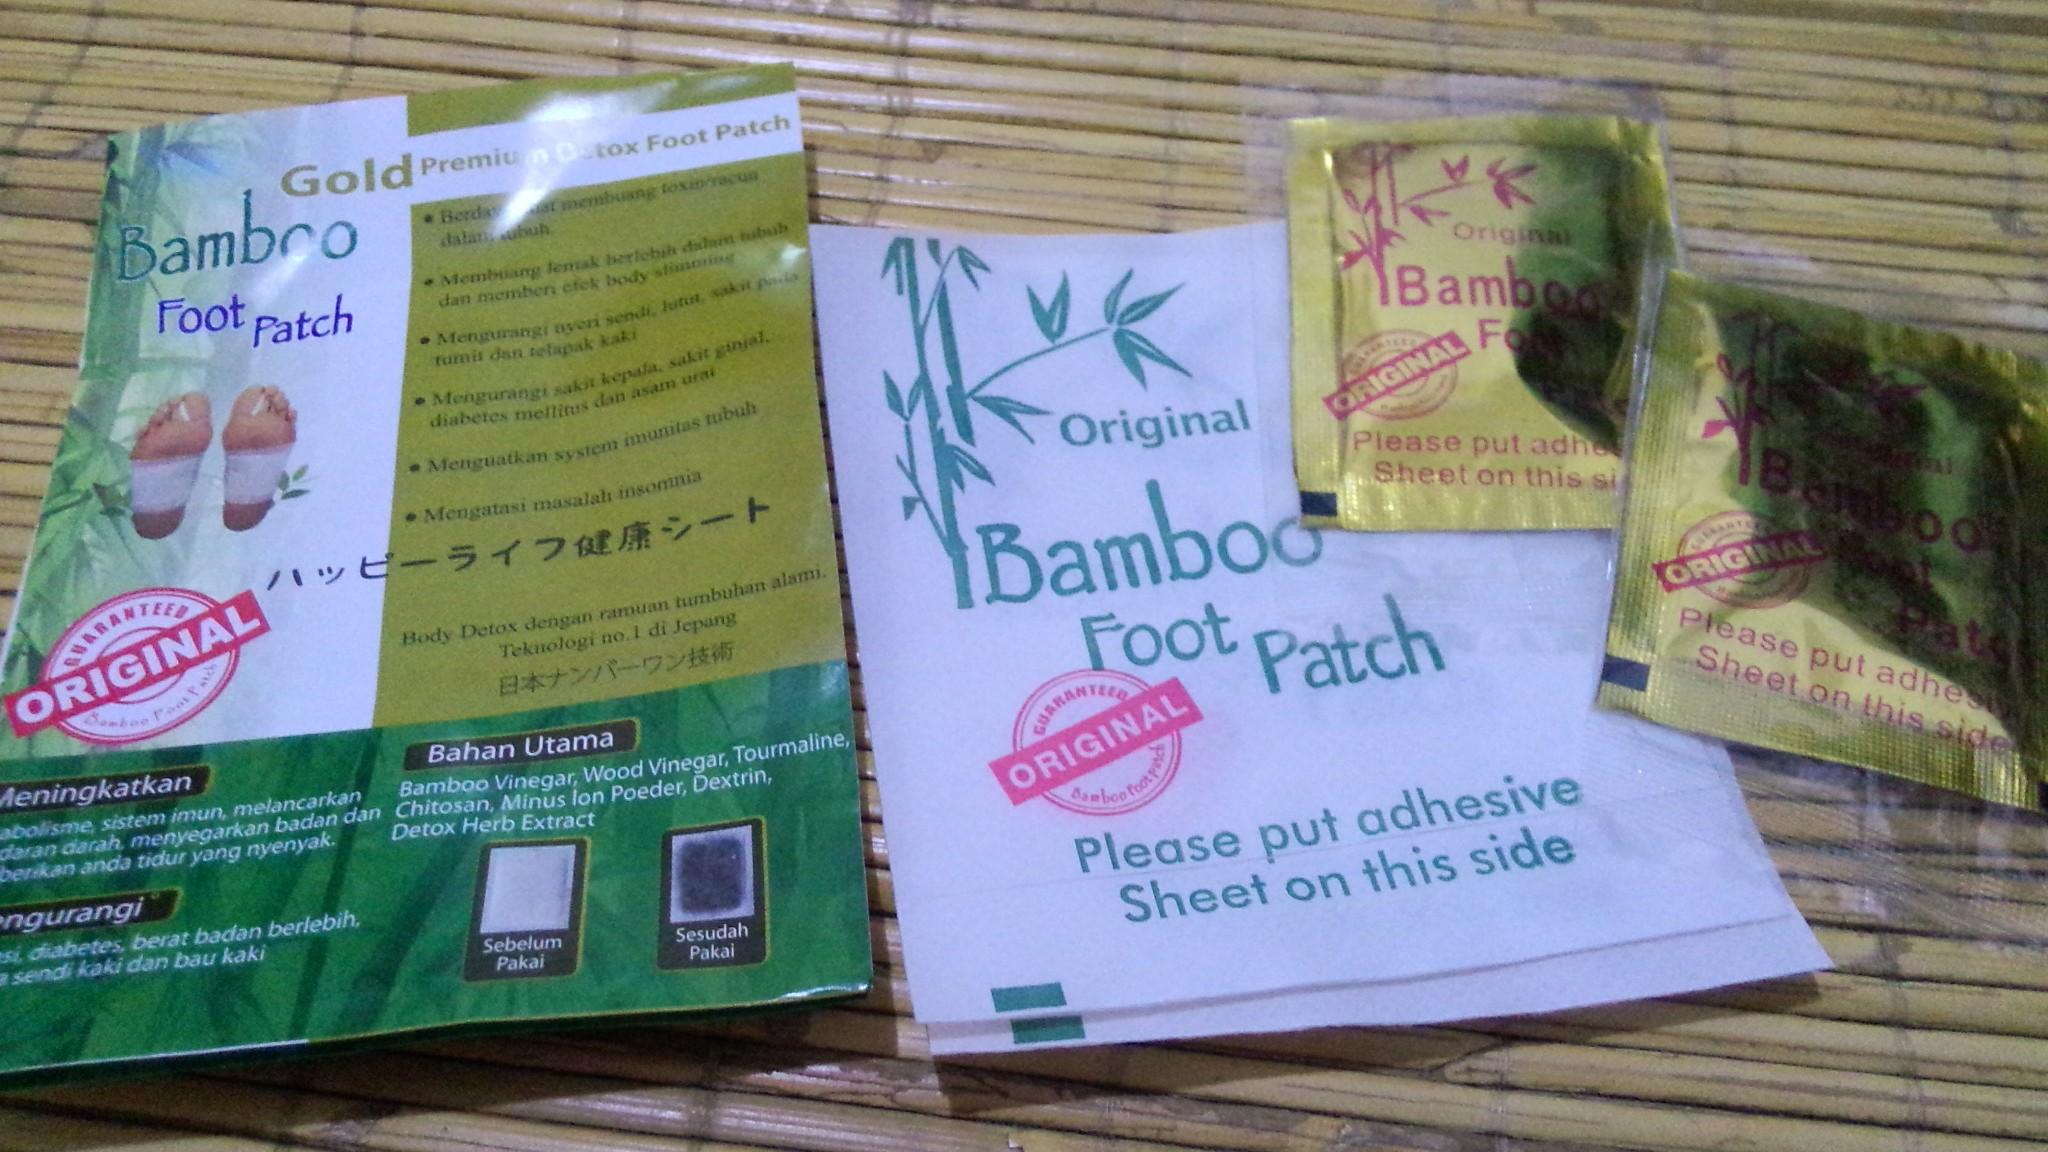 Bamboo Gold Foot Patch 5 Pasang Premium Detox Daftar Koyo Original Jual Kaki Terapi Toksin Pusat Herbal